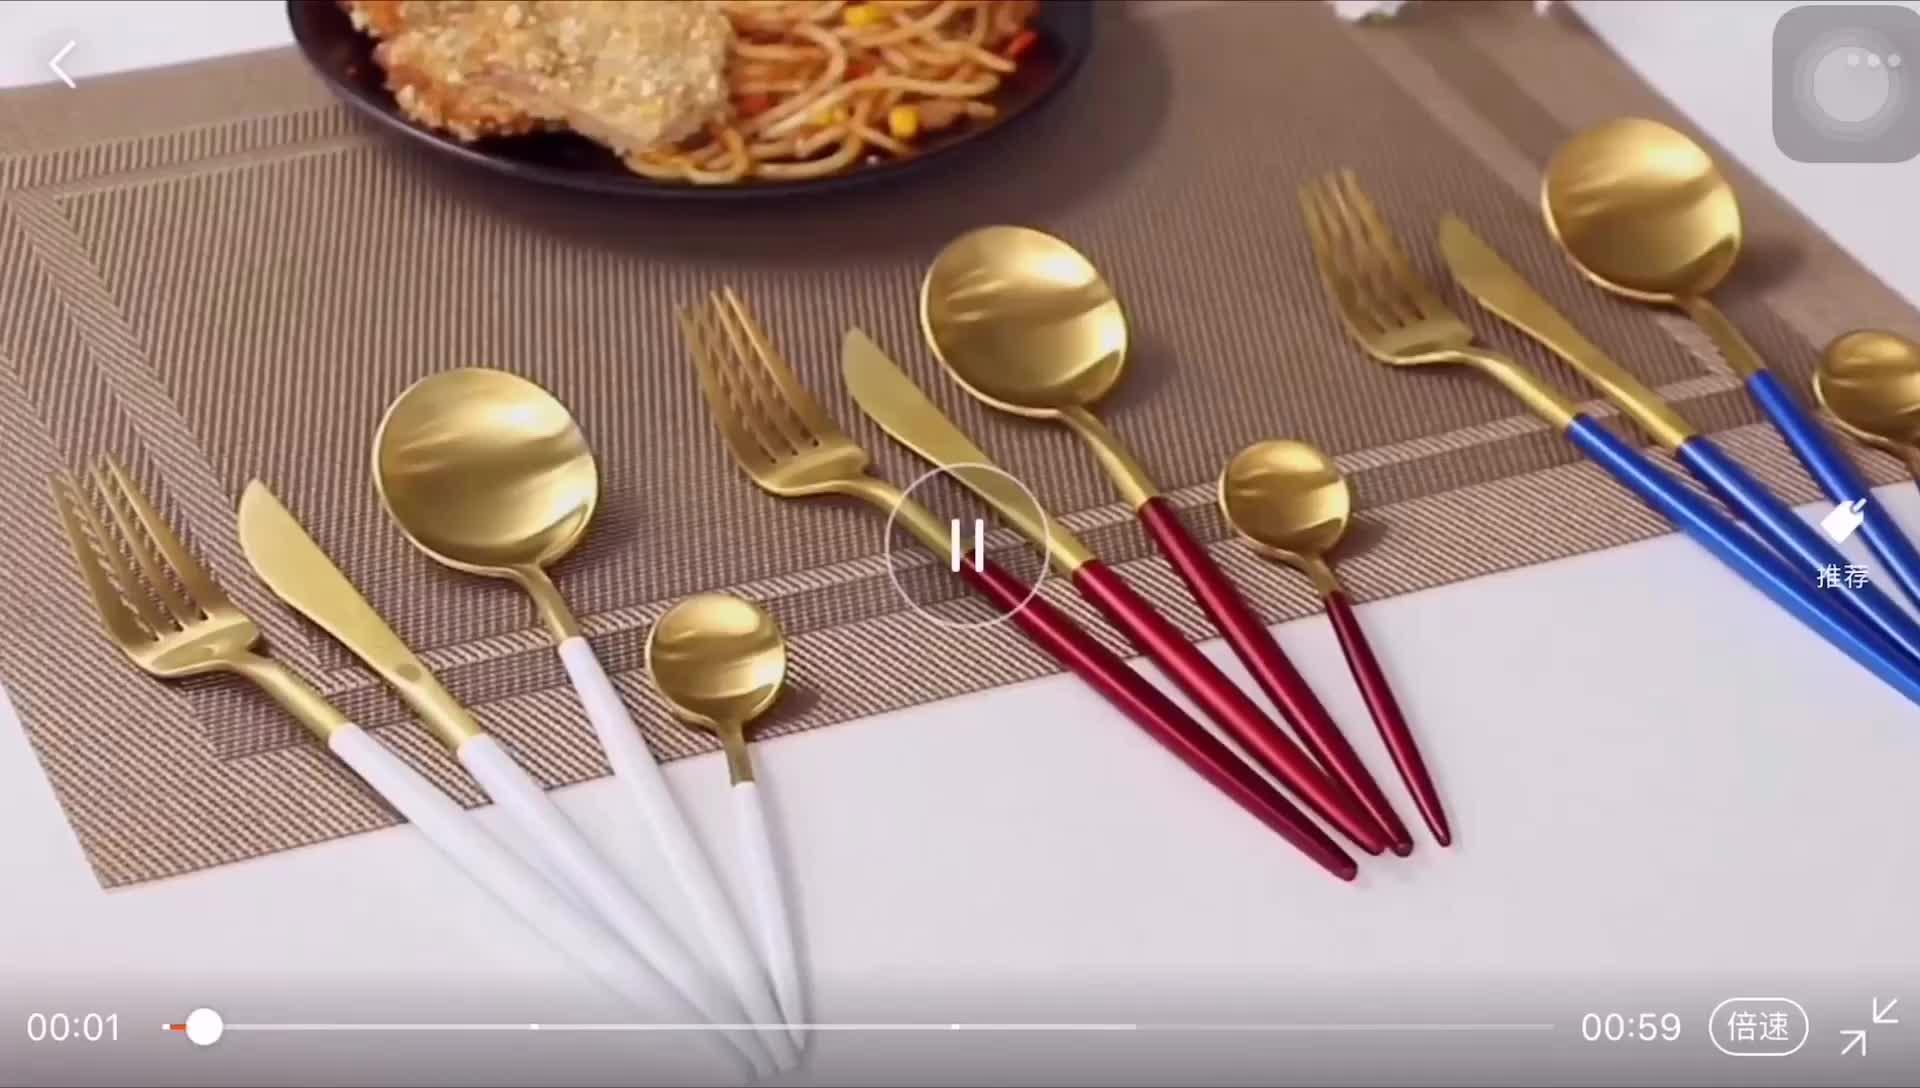 Титановые золотые вилки ложка из нержавеющей стали столовые приборы